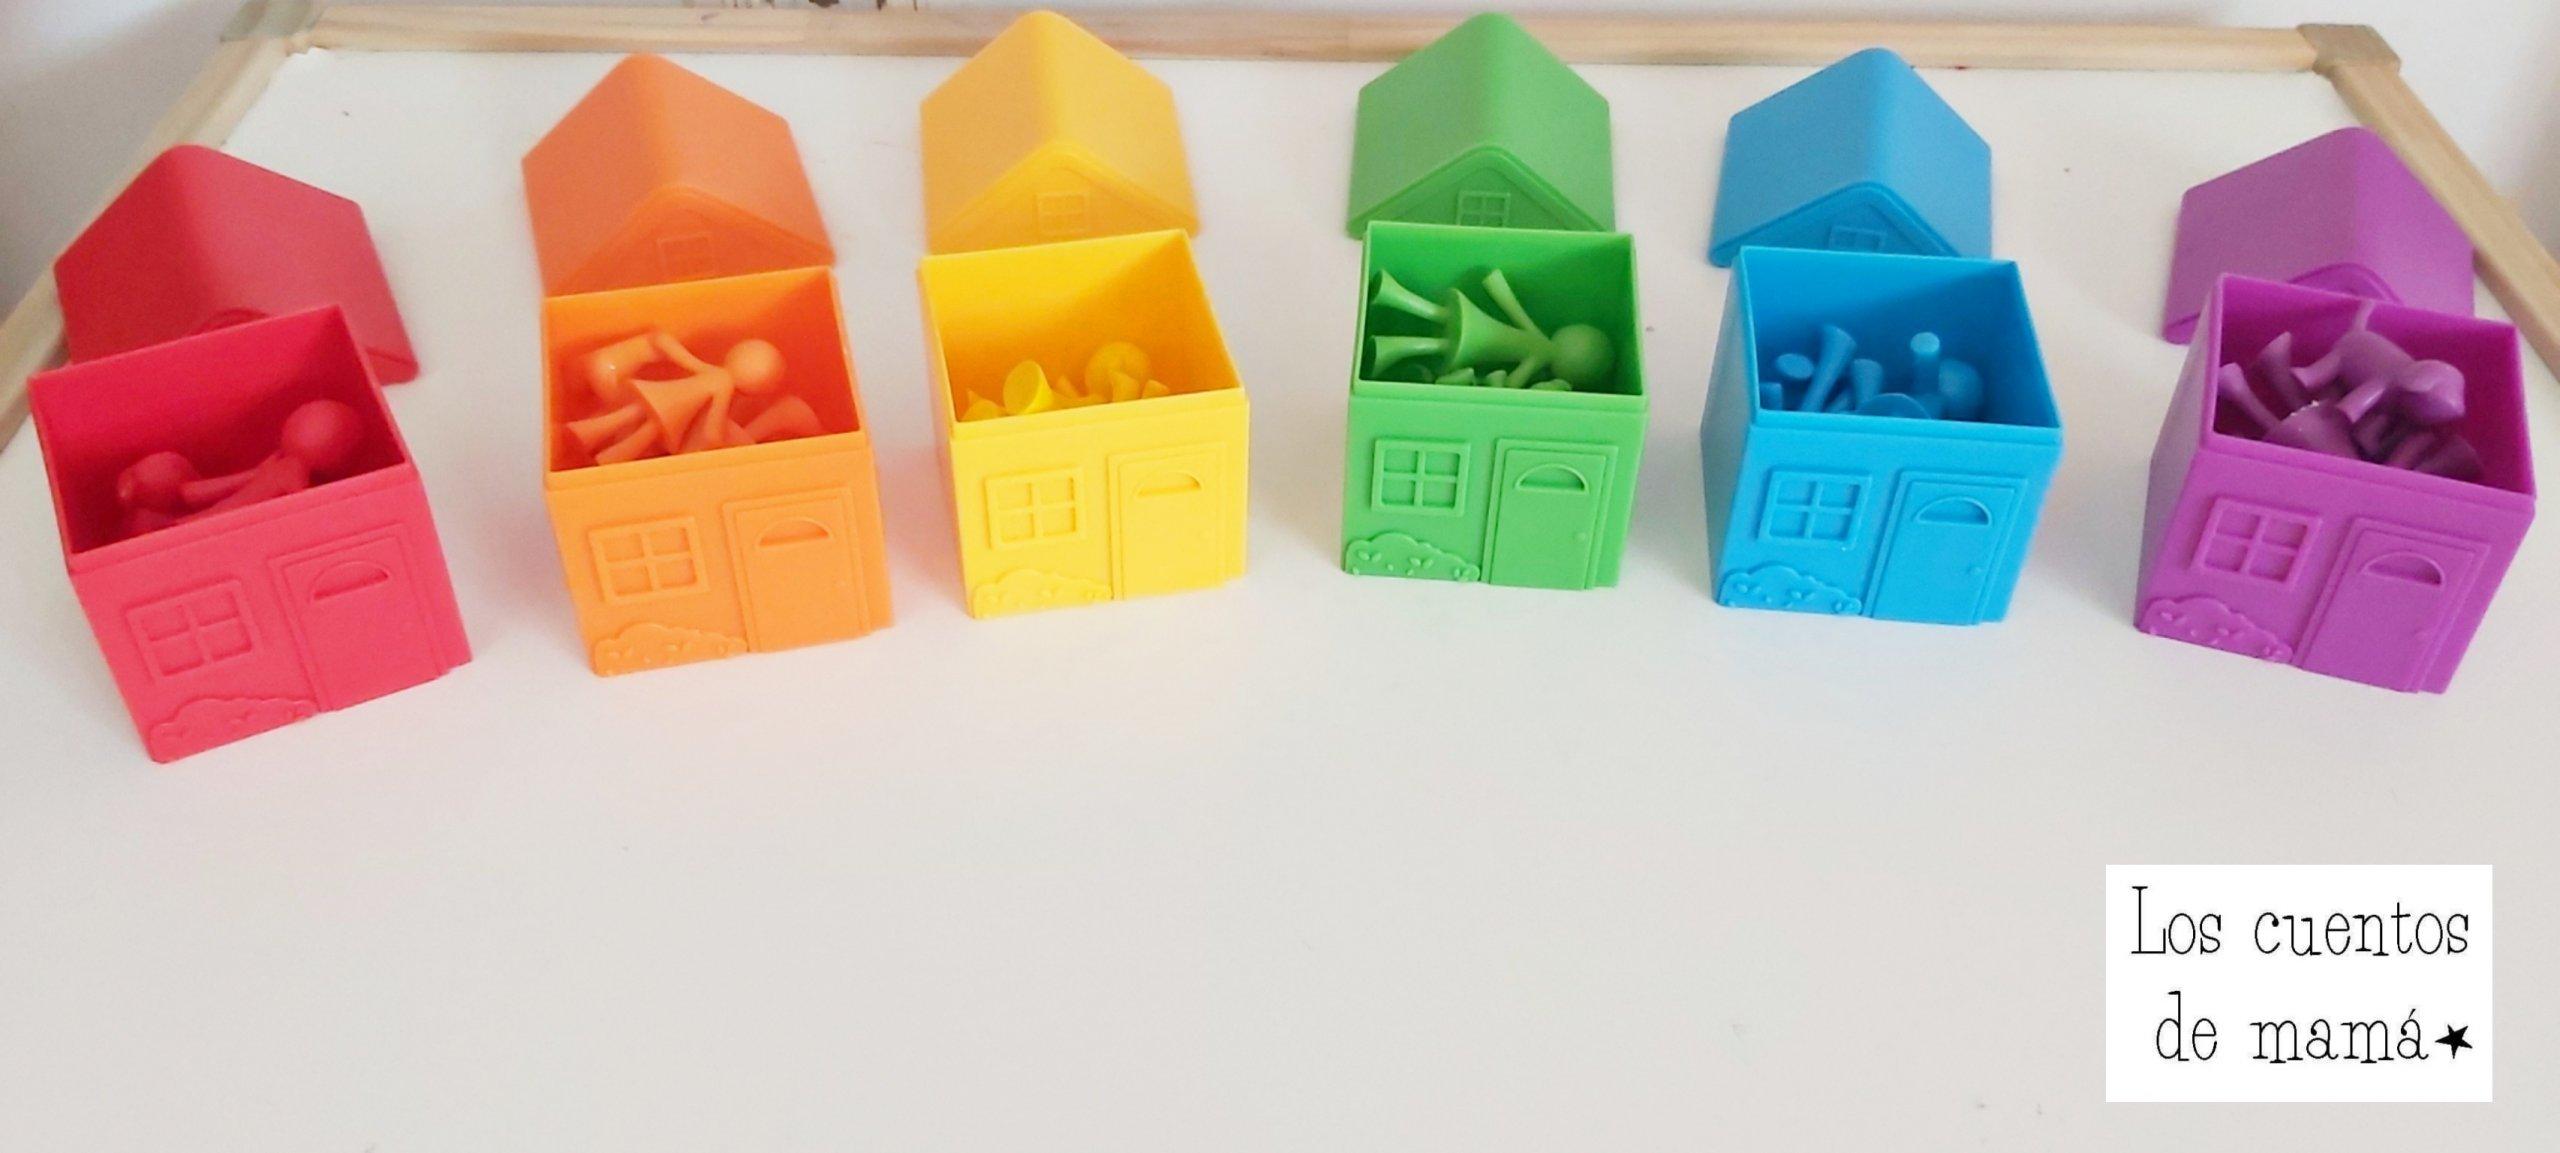 juguetes educativos de infanity